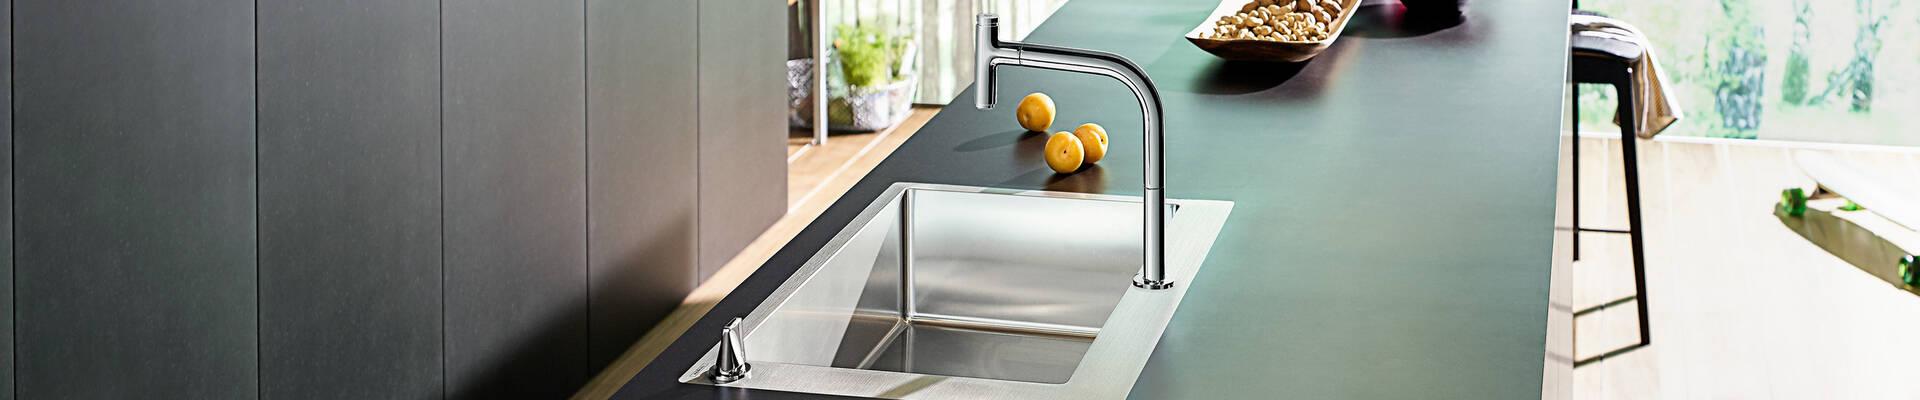 宽水槽和一键智能厨房龙头组合。